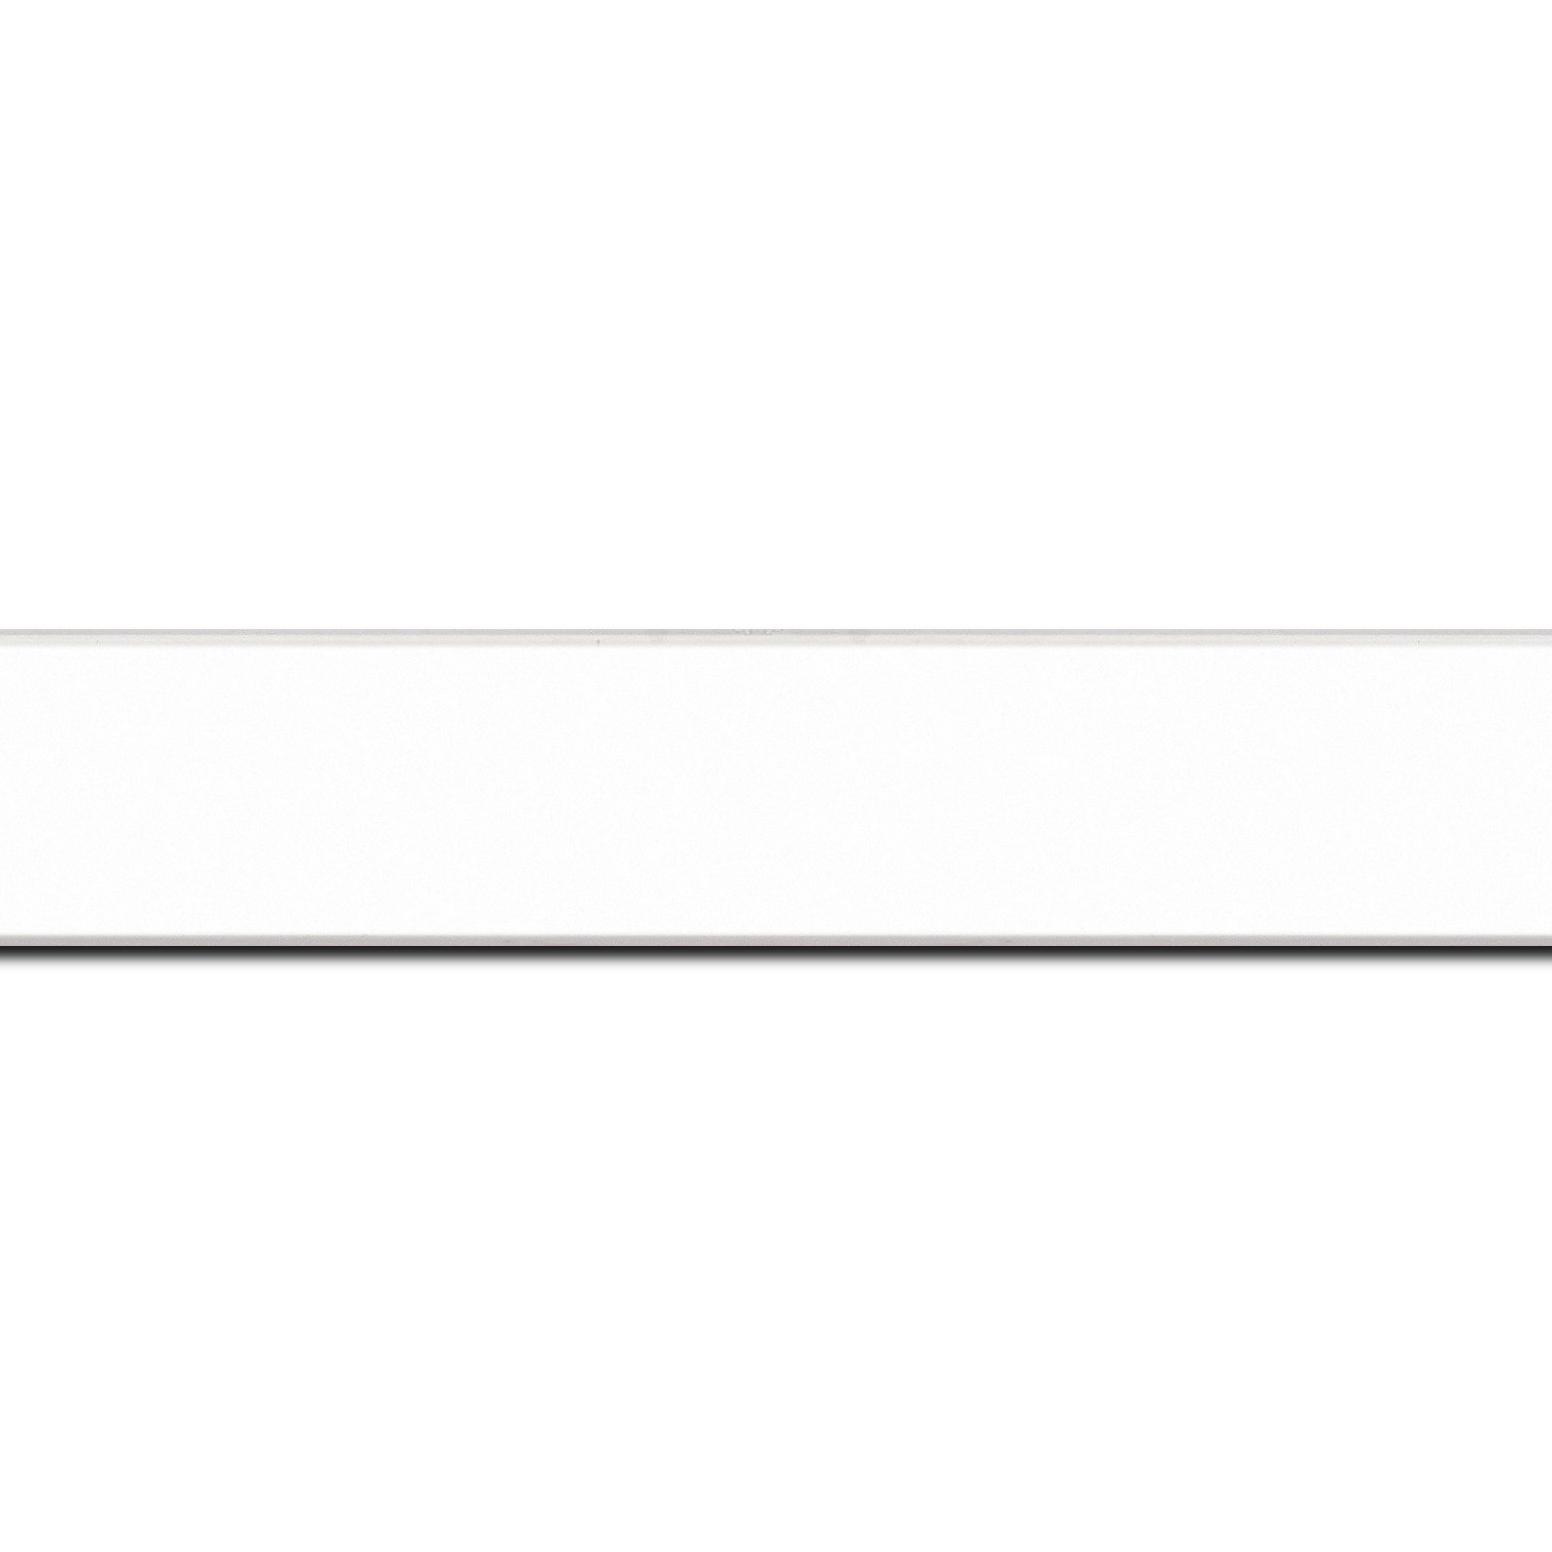 Pack par 12m, bois profil plat largeur 2.5cm hauteur 4.8cm couleur blanc mat finition pore bouché (hauteur feuillure 4.3cm )(longueur baguette pouvant varier entre 2.40m et 3m selon arrivage des bois)